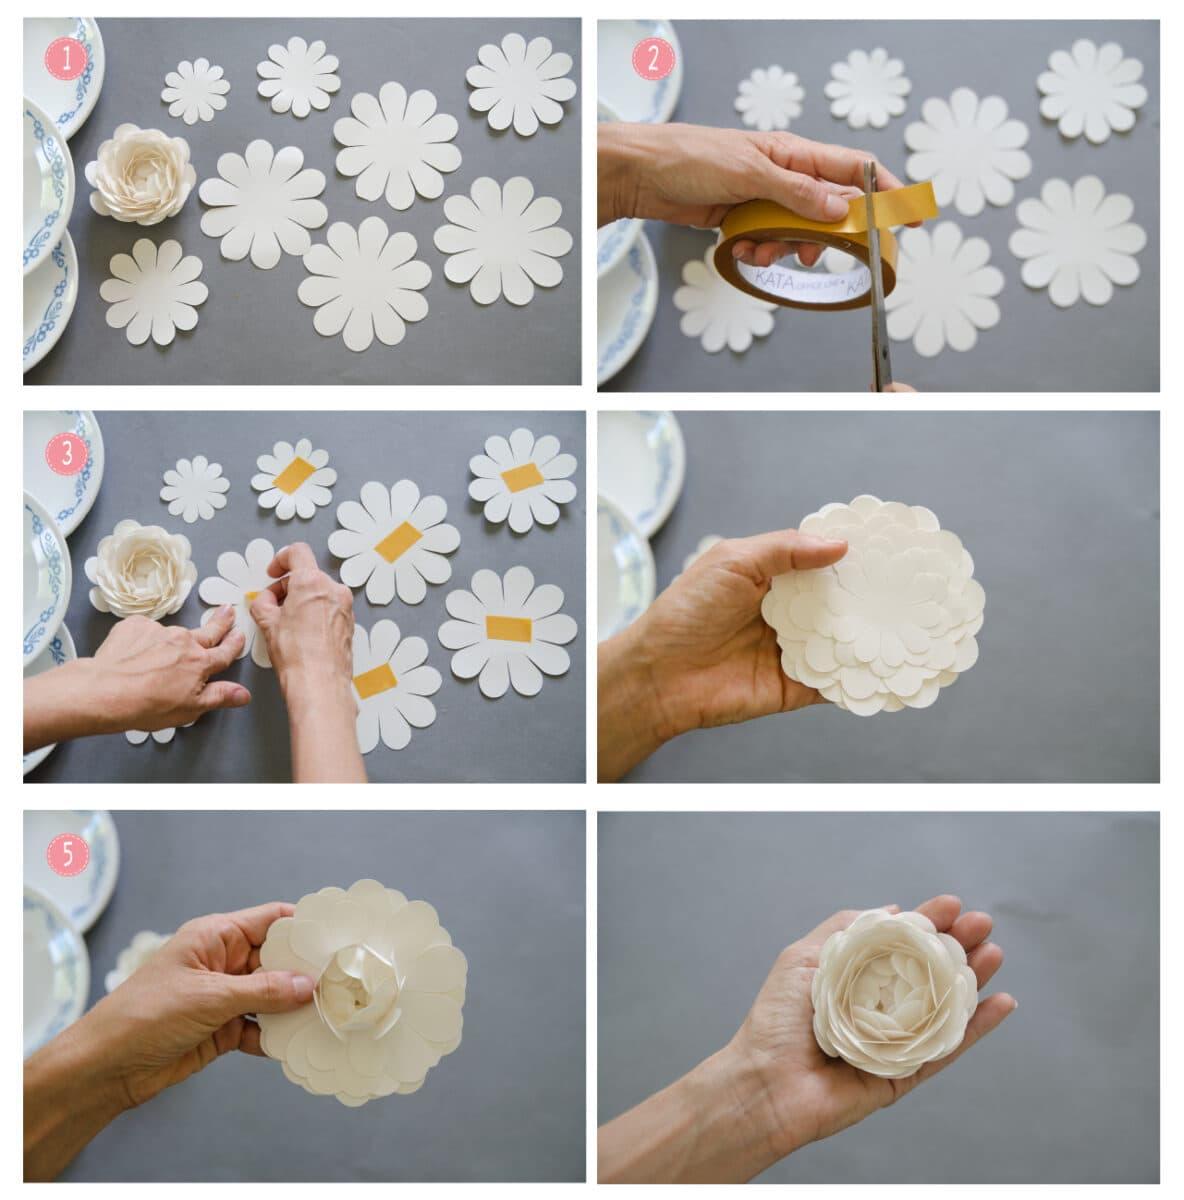 השלבים להכנת פרחי אדמונית מנייר